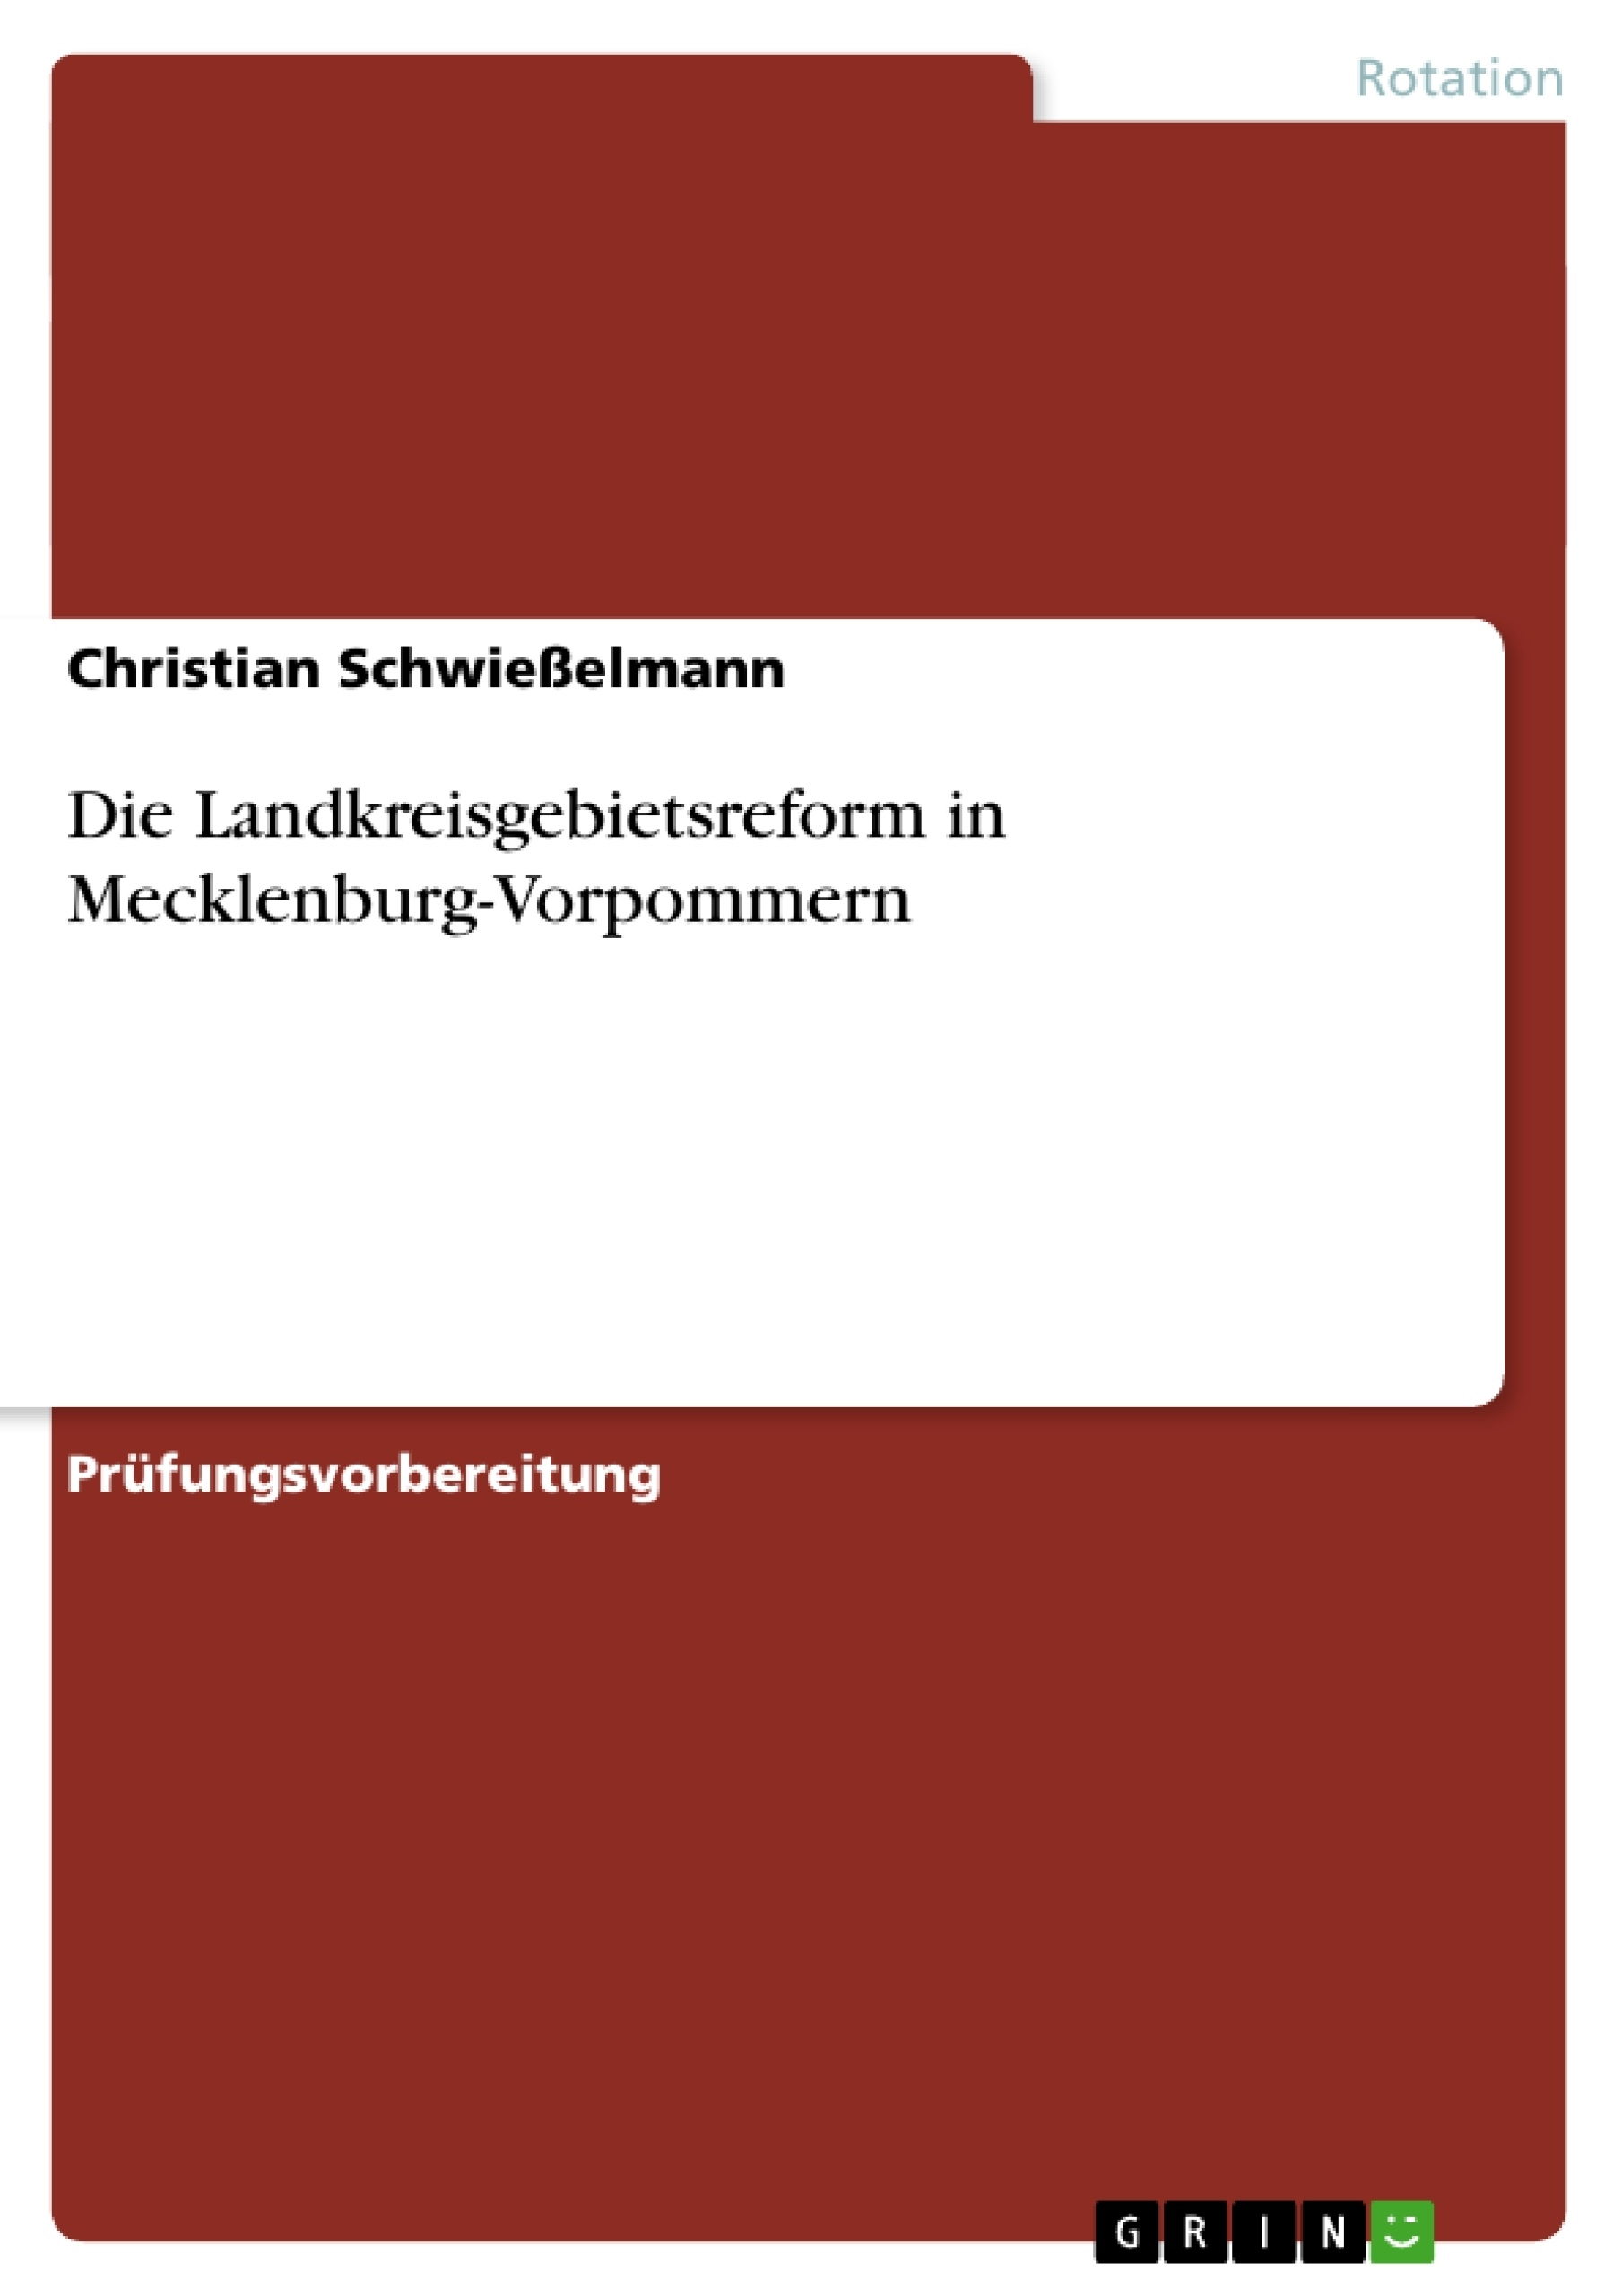 Titel: Die Landkreisgebietsreform in Mecklenburg-Vorpommern